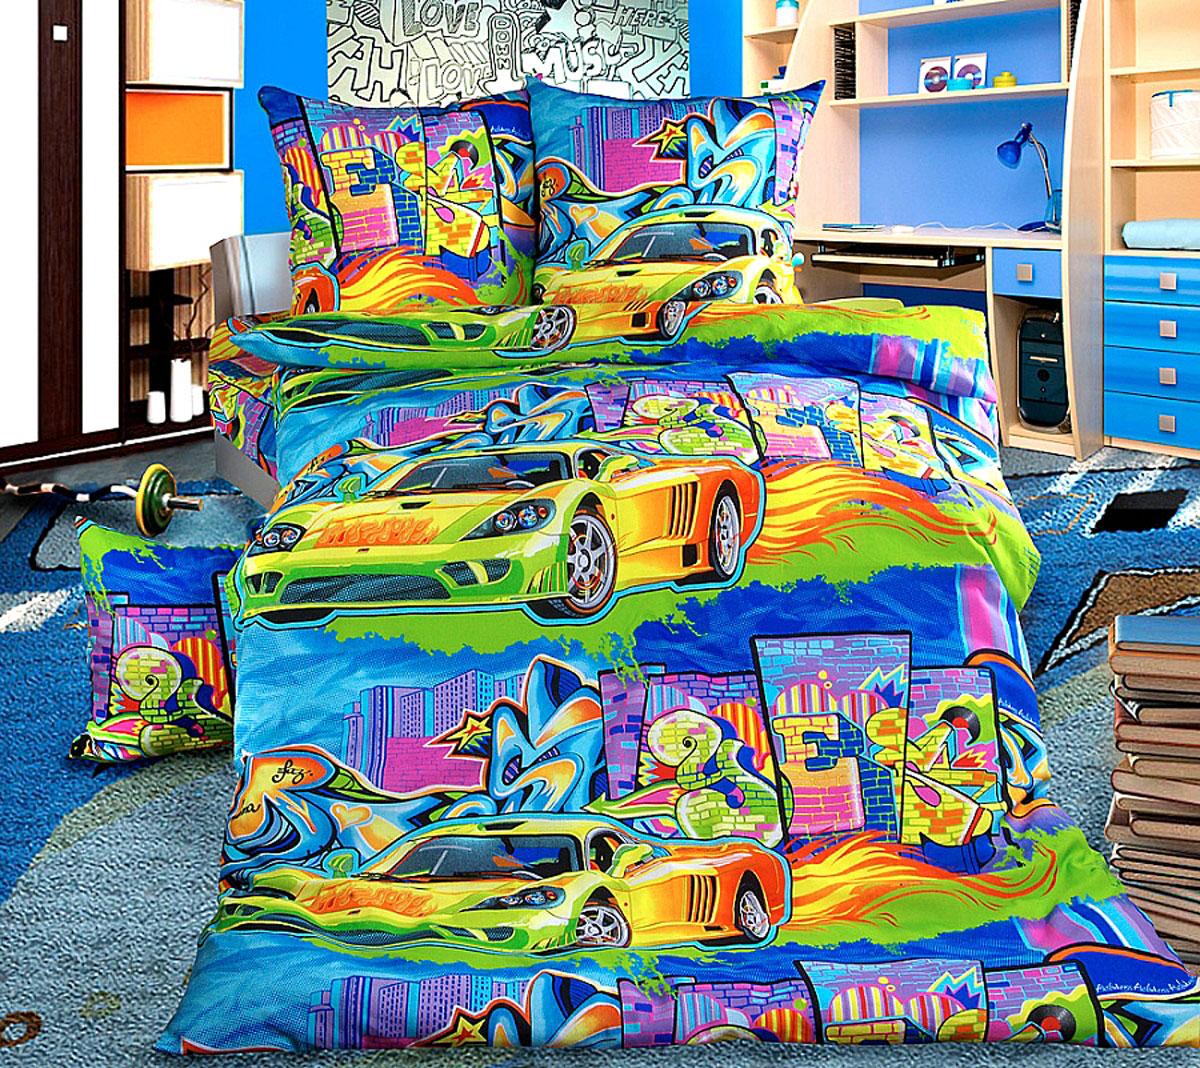 ТексДизайн Комплект детского постельного белья Граффити 1,5-спальный012H1800Комплект детского постельного белья Граффити, состоящий из двух наволочек, простыни и пододеяльника, выполнен из прочной бязи. Комплект постельного белья украшен изображениями яркого граффити на фоне городских многоэтажек и голубого неба. Сегодня компания Текс-Дизайн является крупнейшим поставщиком эксклюзивной набивной бязи. Вся ткань изготовлена из 100% хлопка. Бязь - хлопчатобумажная плотная ткань полотняного переплетения. Отличается прочностью и стойкостью к многочисленным стиркам. Бязь считается одной из наиболее подходящих тканей, для производства постельного белья и пользуется в России большим спросом. Фирменная продукция отличается оригинальным дизайном, высокой прочностью и долговечностью. Такой комплект идеально подойдет для кроватки вашего малыша. На нем ребенок будет спать здоровым и крепким сном.